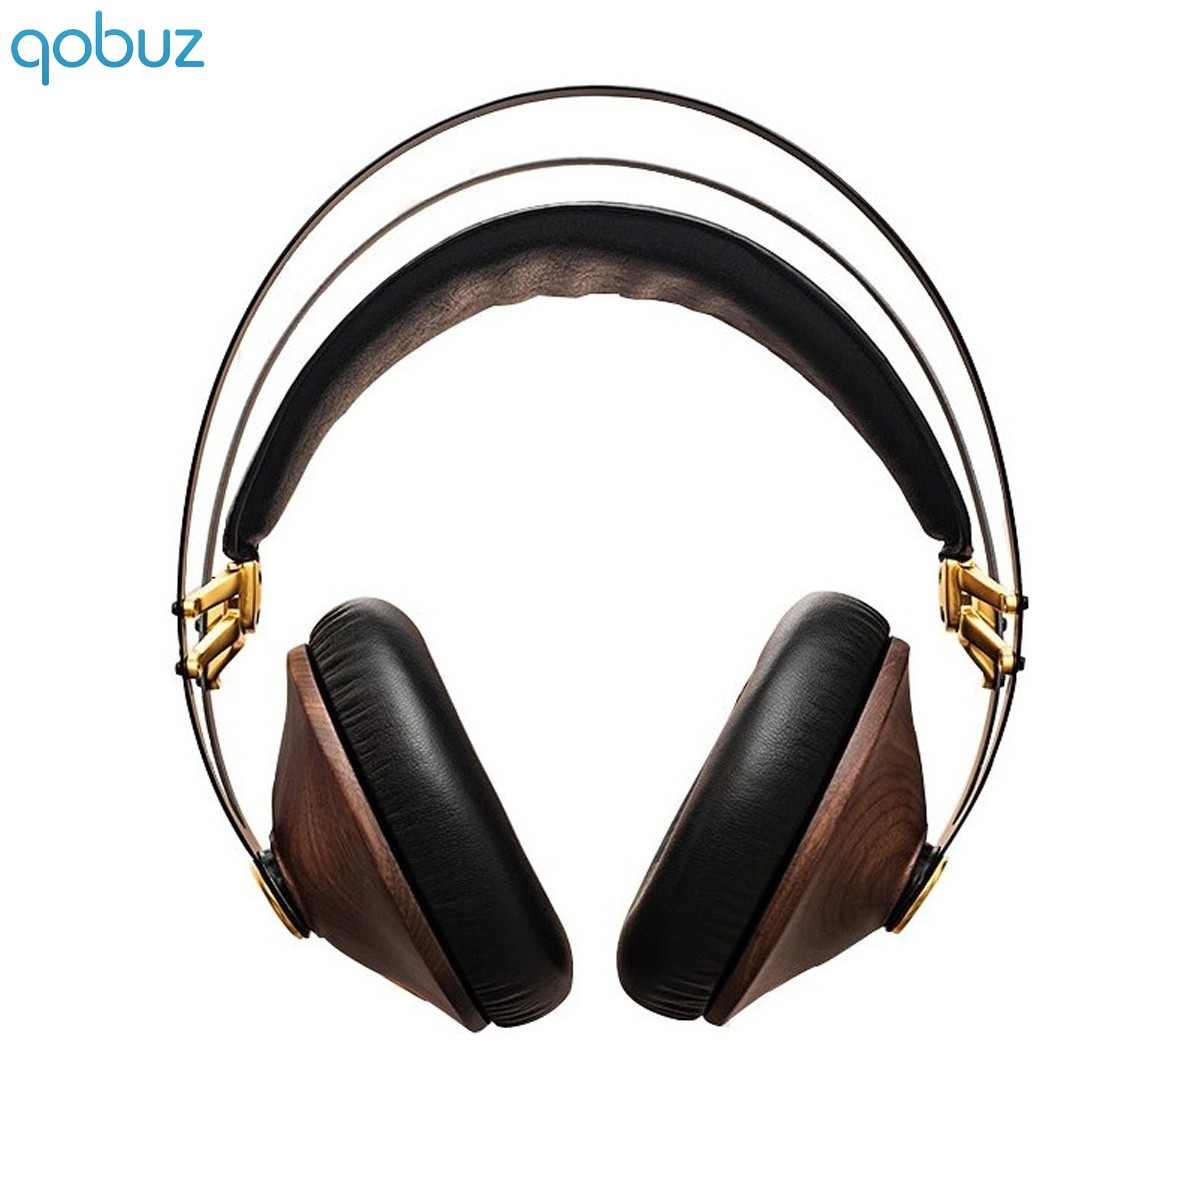 MEZE 99 gold classics nomad high fidelity 103dB